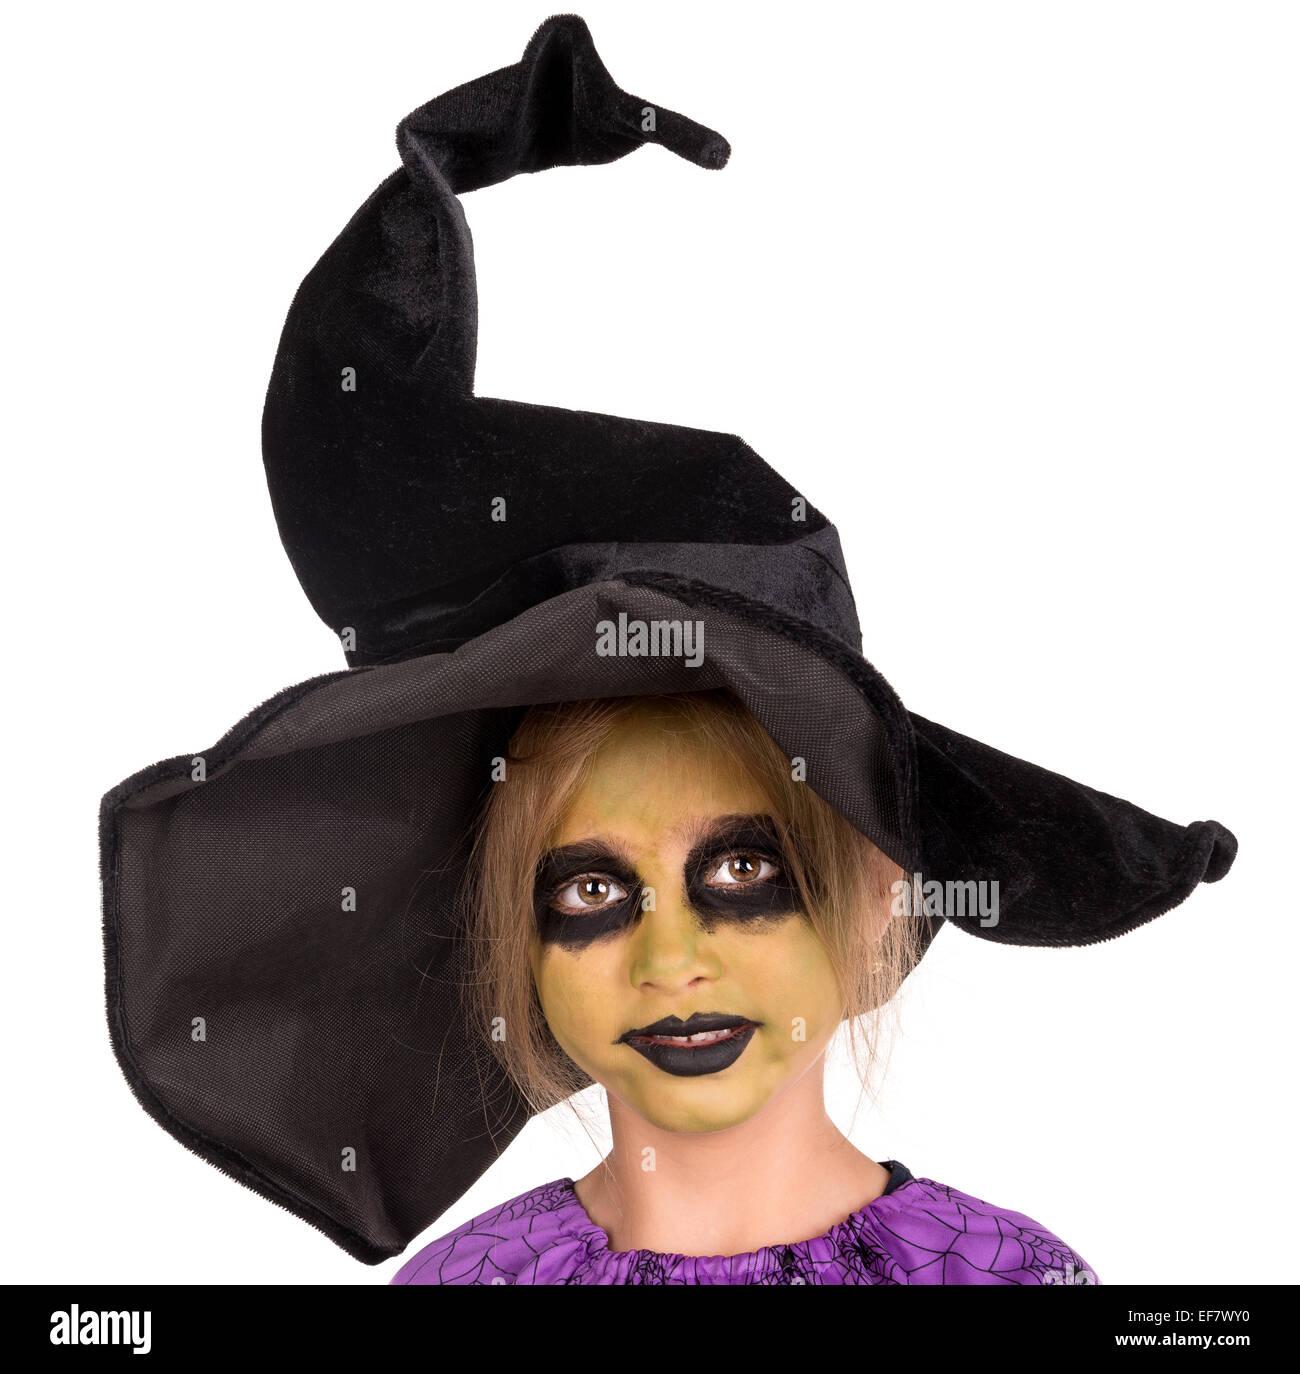 Halloween Gesichter Hexe.Madchen Mit Gesicht Malen Und Halloween Hexe Kostum Isoliert In Weiss Stockfotografie Alamy